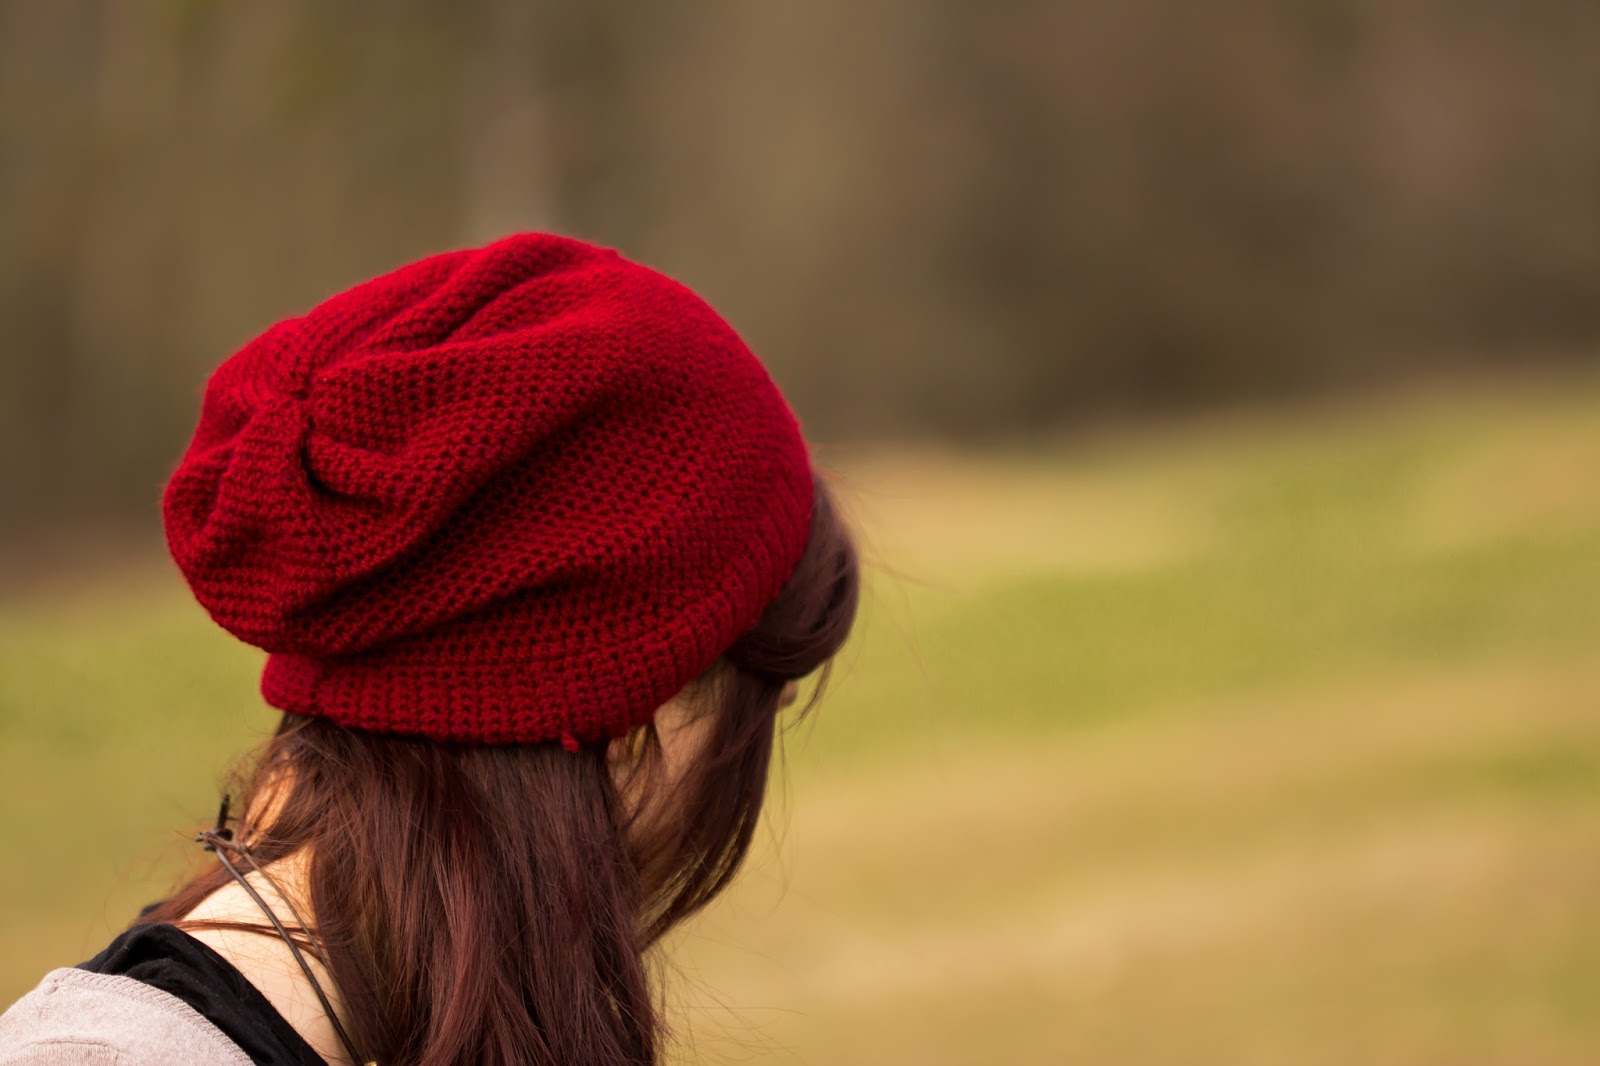 Anleitung für eine einfache gehäkelte Mütze mit Halbstäbchen - Mütze zusammennähen - crochet slouchy beanie